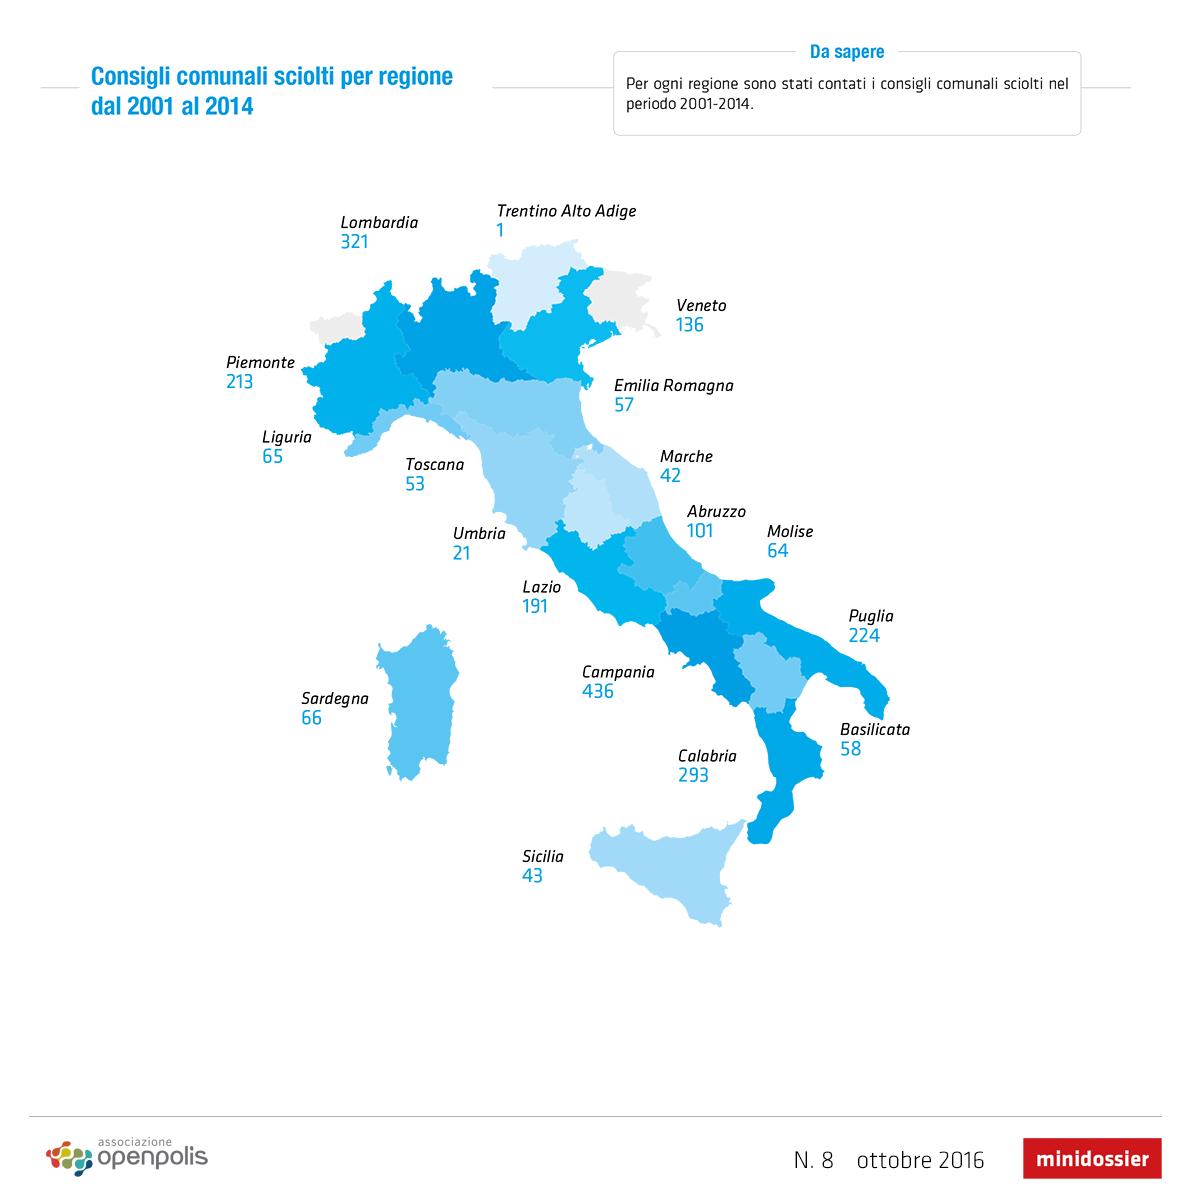 La mappa dei commissariamenti in Italia